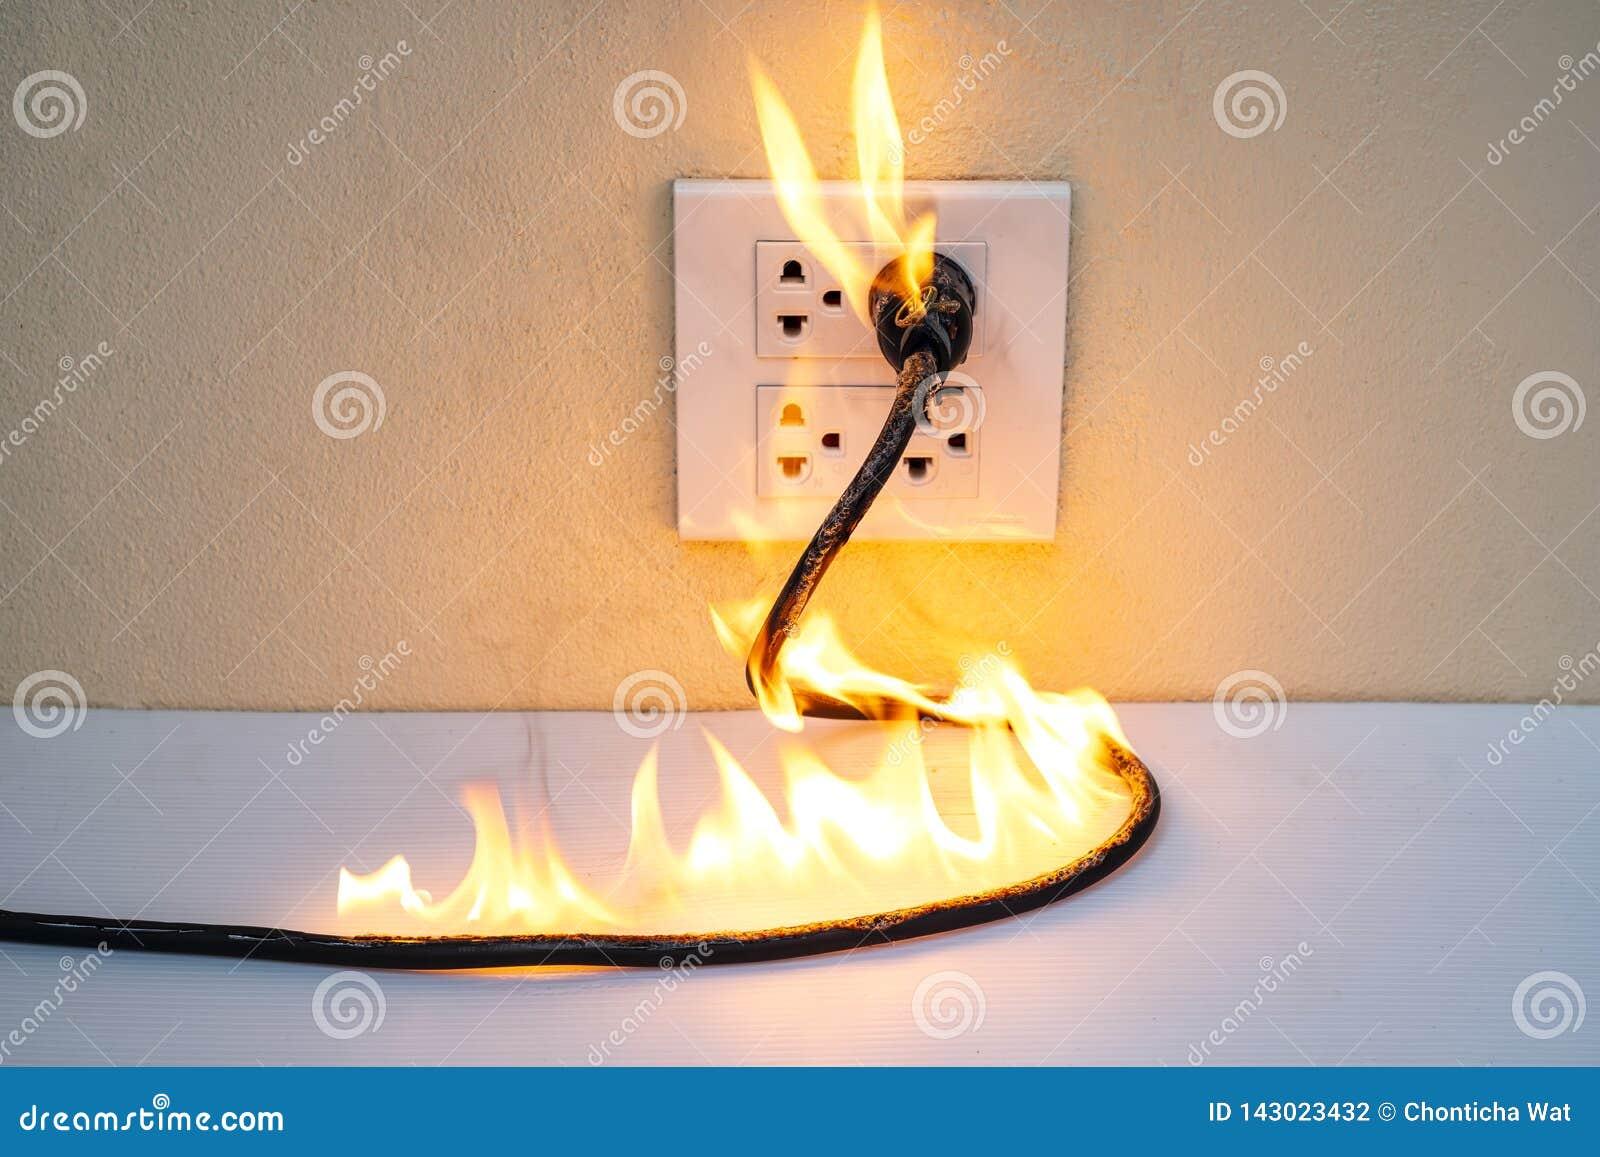 Na separação elétrica da parede do receptáculo da tomada do fio do fogo